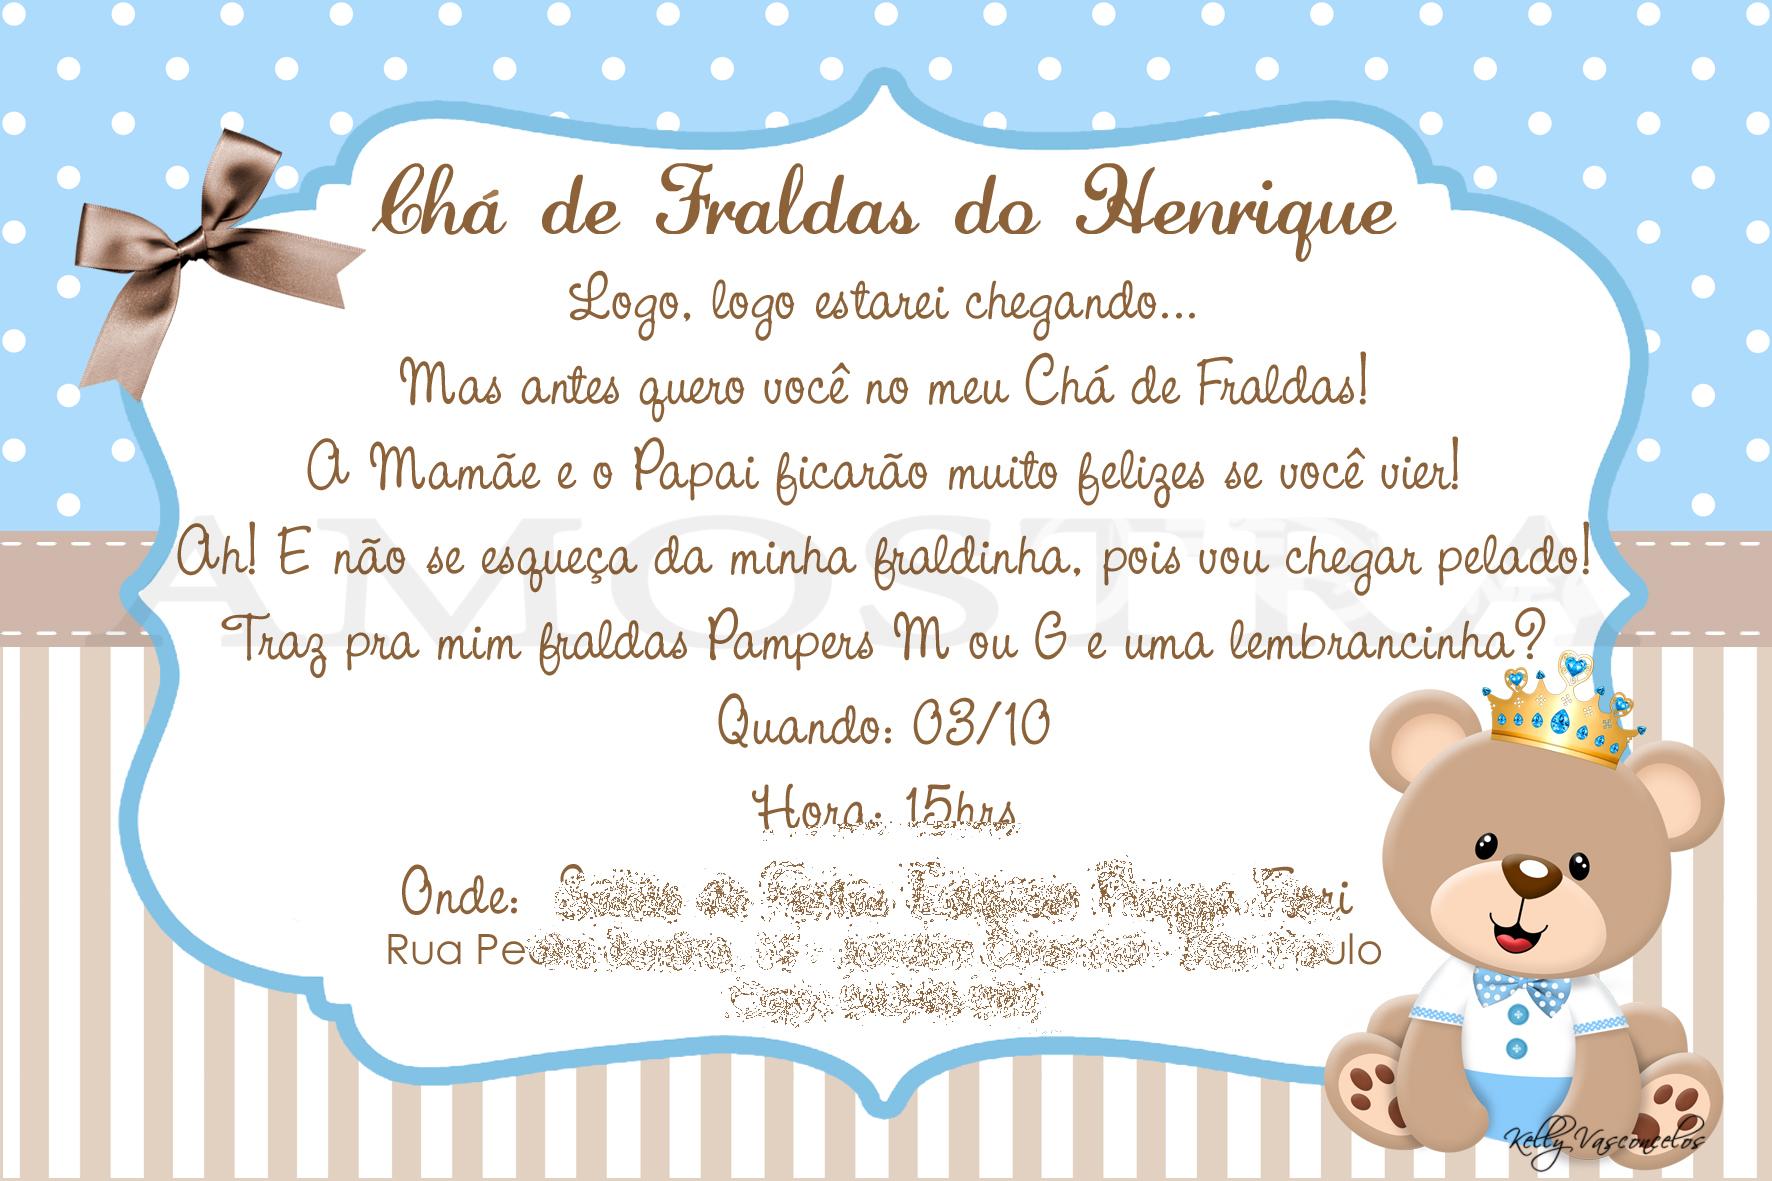 Convite Chá De Fraldas Coroa Elo7